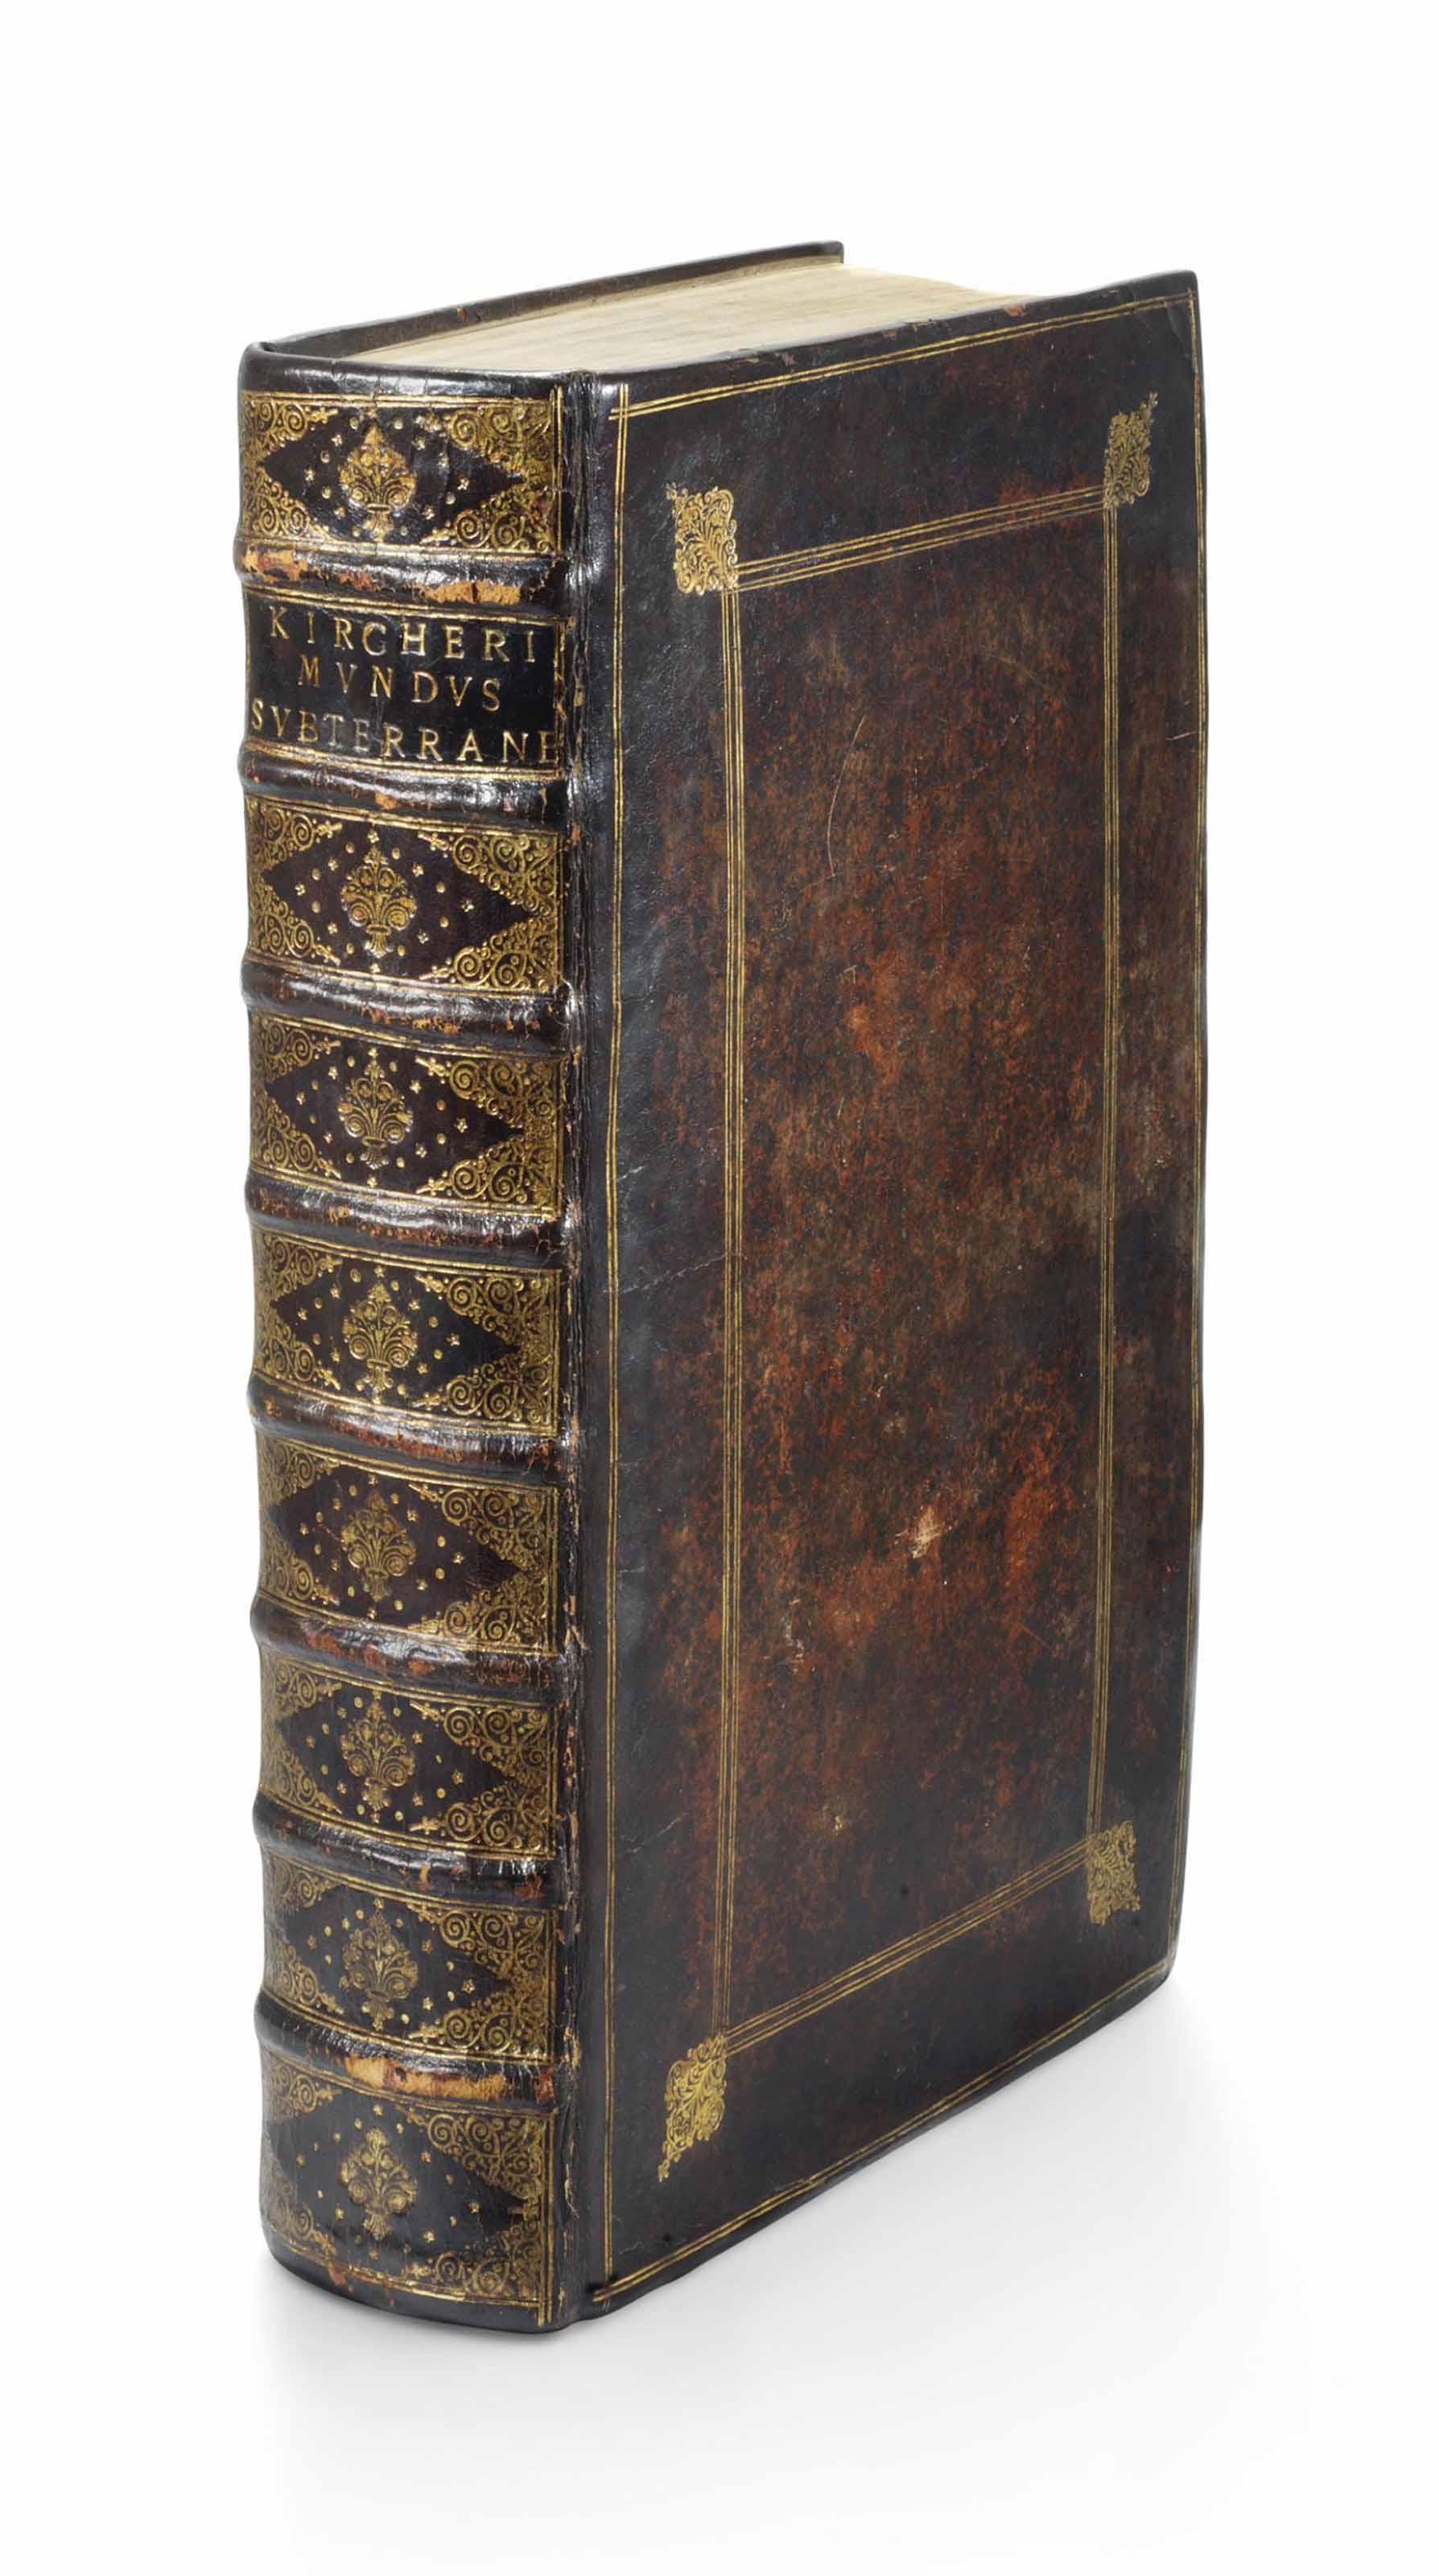 KIRCHER, Athanasius (1602-80). Mundus Subterraneus. Amsterdam: Joannes Jansson and Elizeus Weyerstraet, 1665.